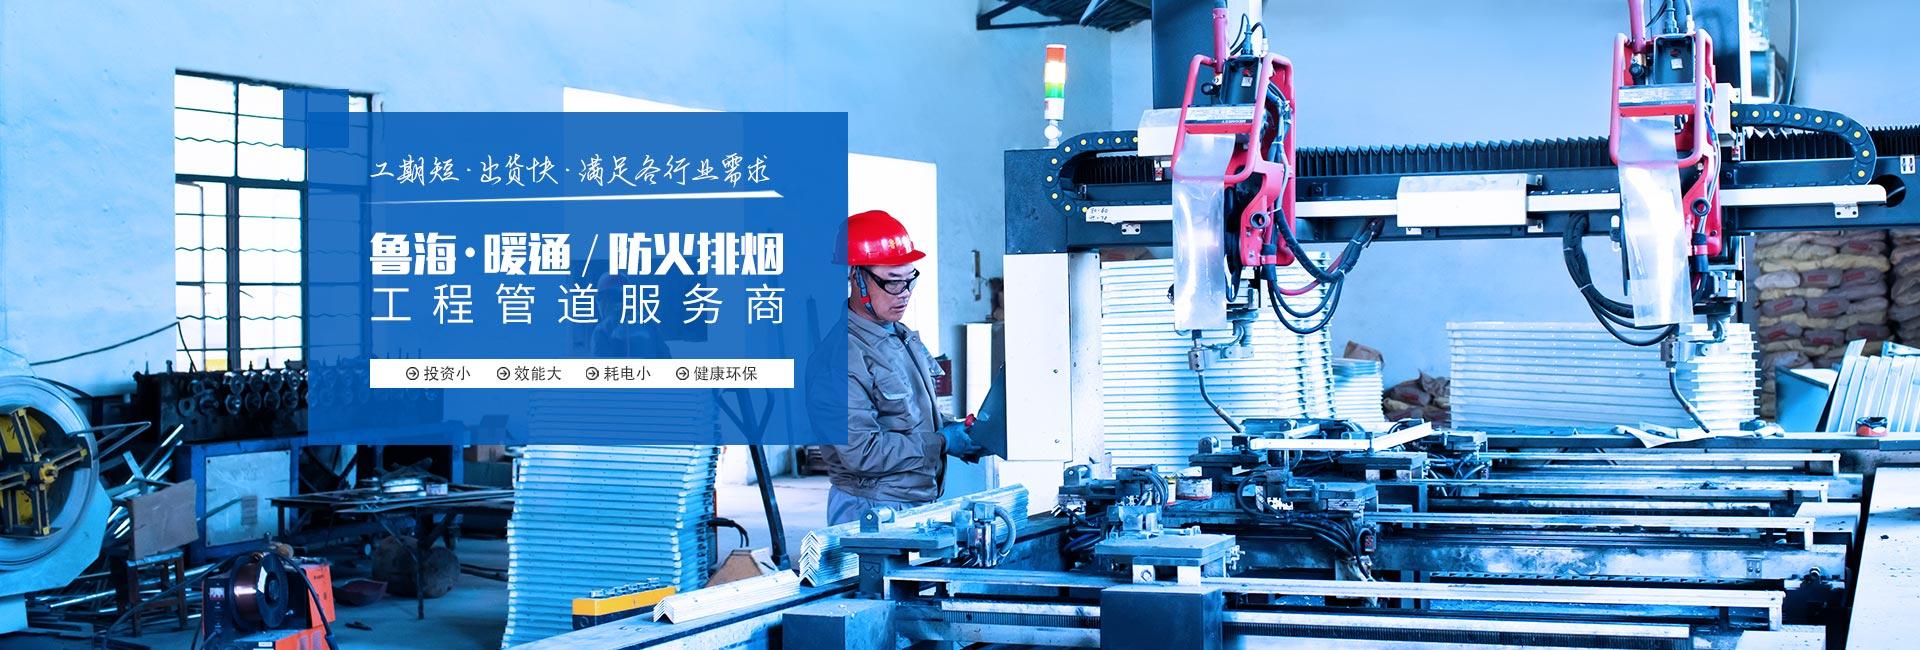 鲁海暖通/防火排烟工程管道服务商